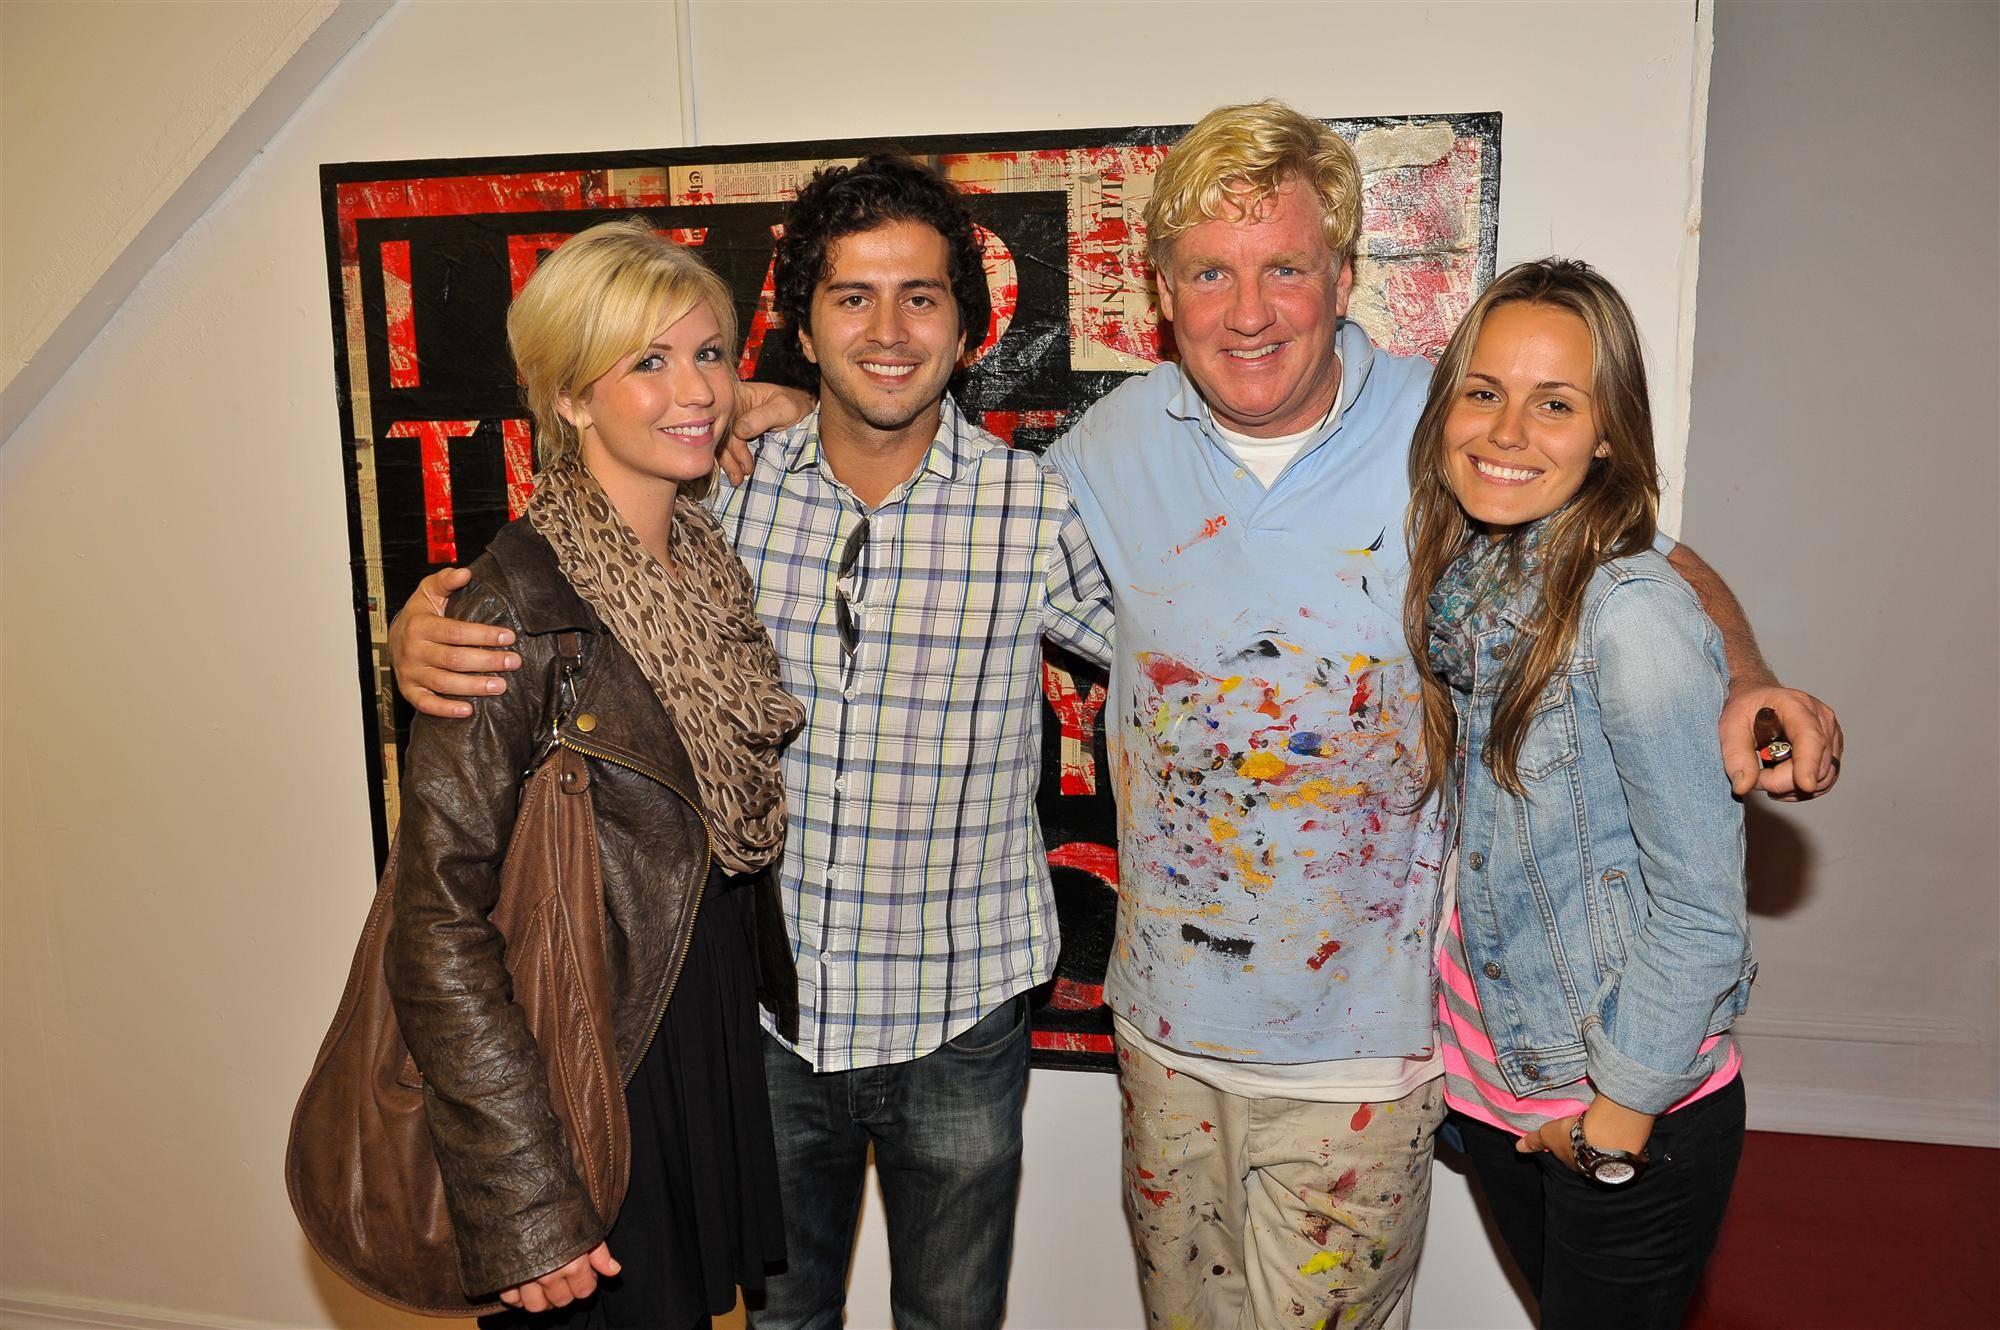 Carin Ahrberg & Ronald LaSasso & Peter Tunney & Yuliya Mirishnikova (Custom)